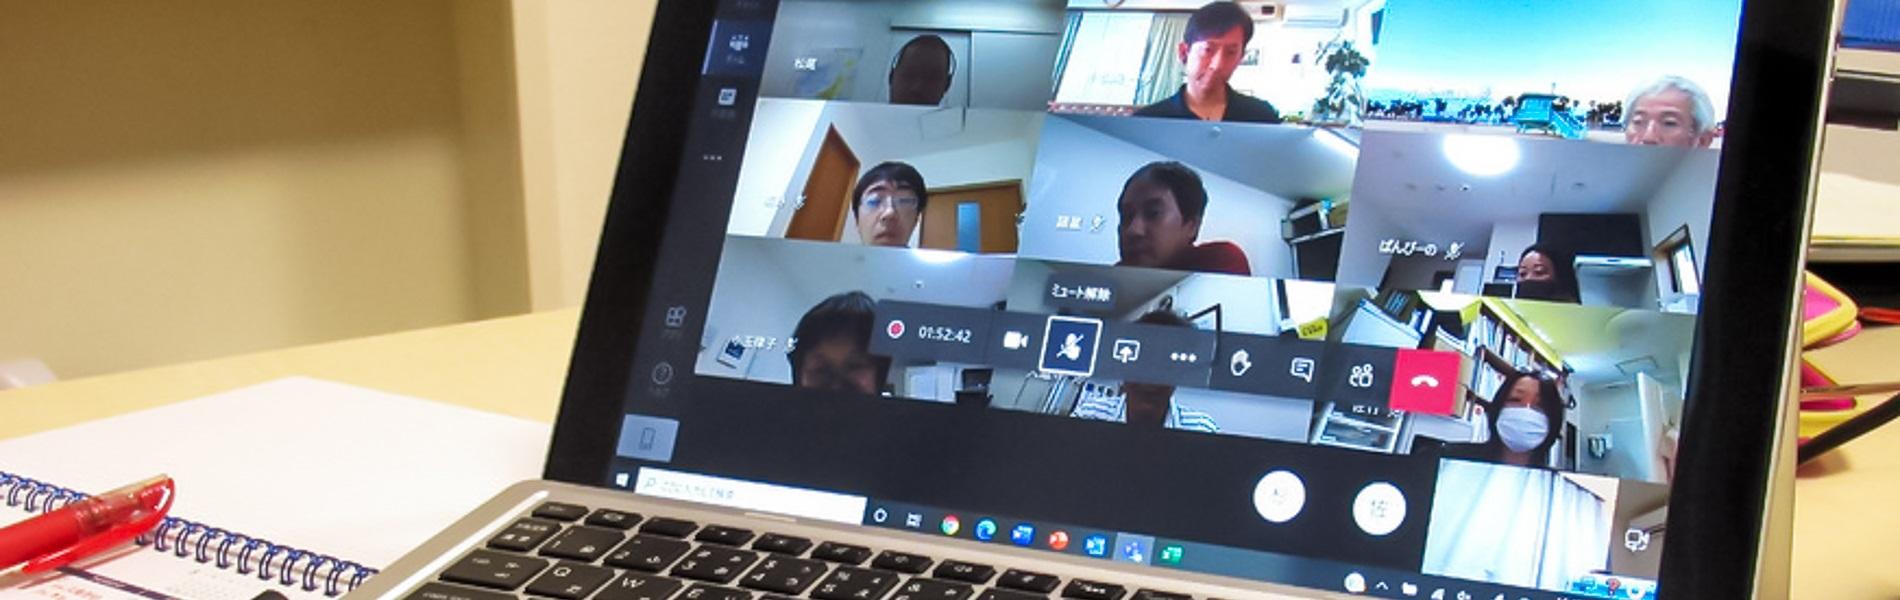 オンラインによる管理者会議の様子